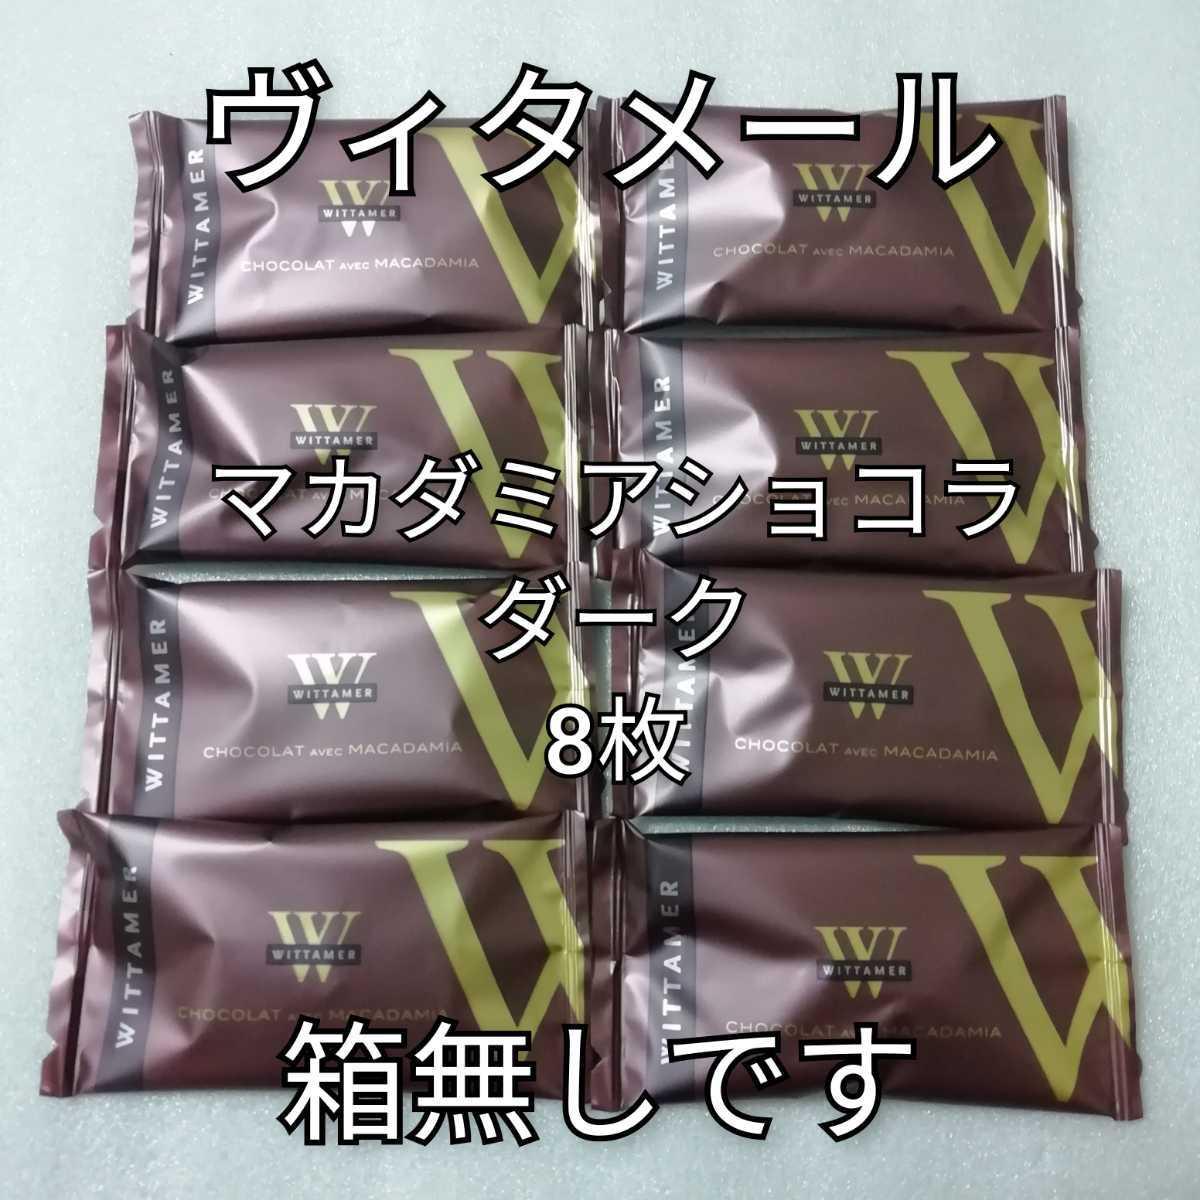 ヴィタメール 箱無し マカダミアショコラ ダーク 8枚 チョコレート チョコ お菓子_画像1